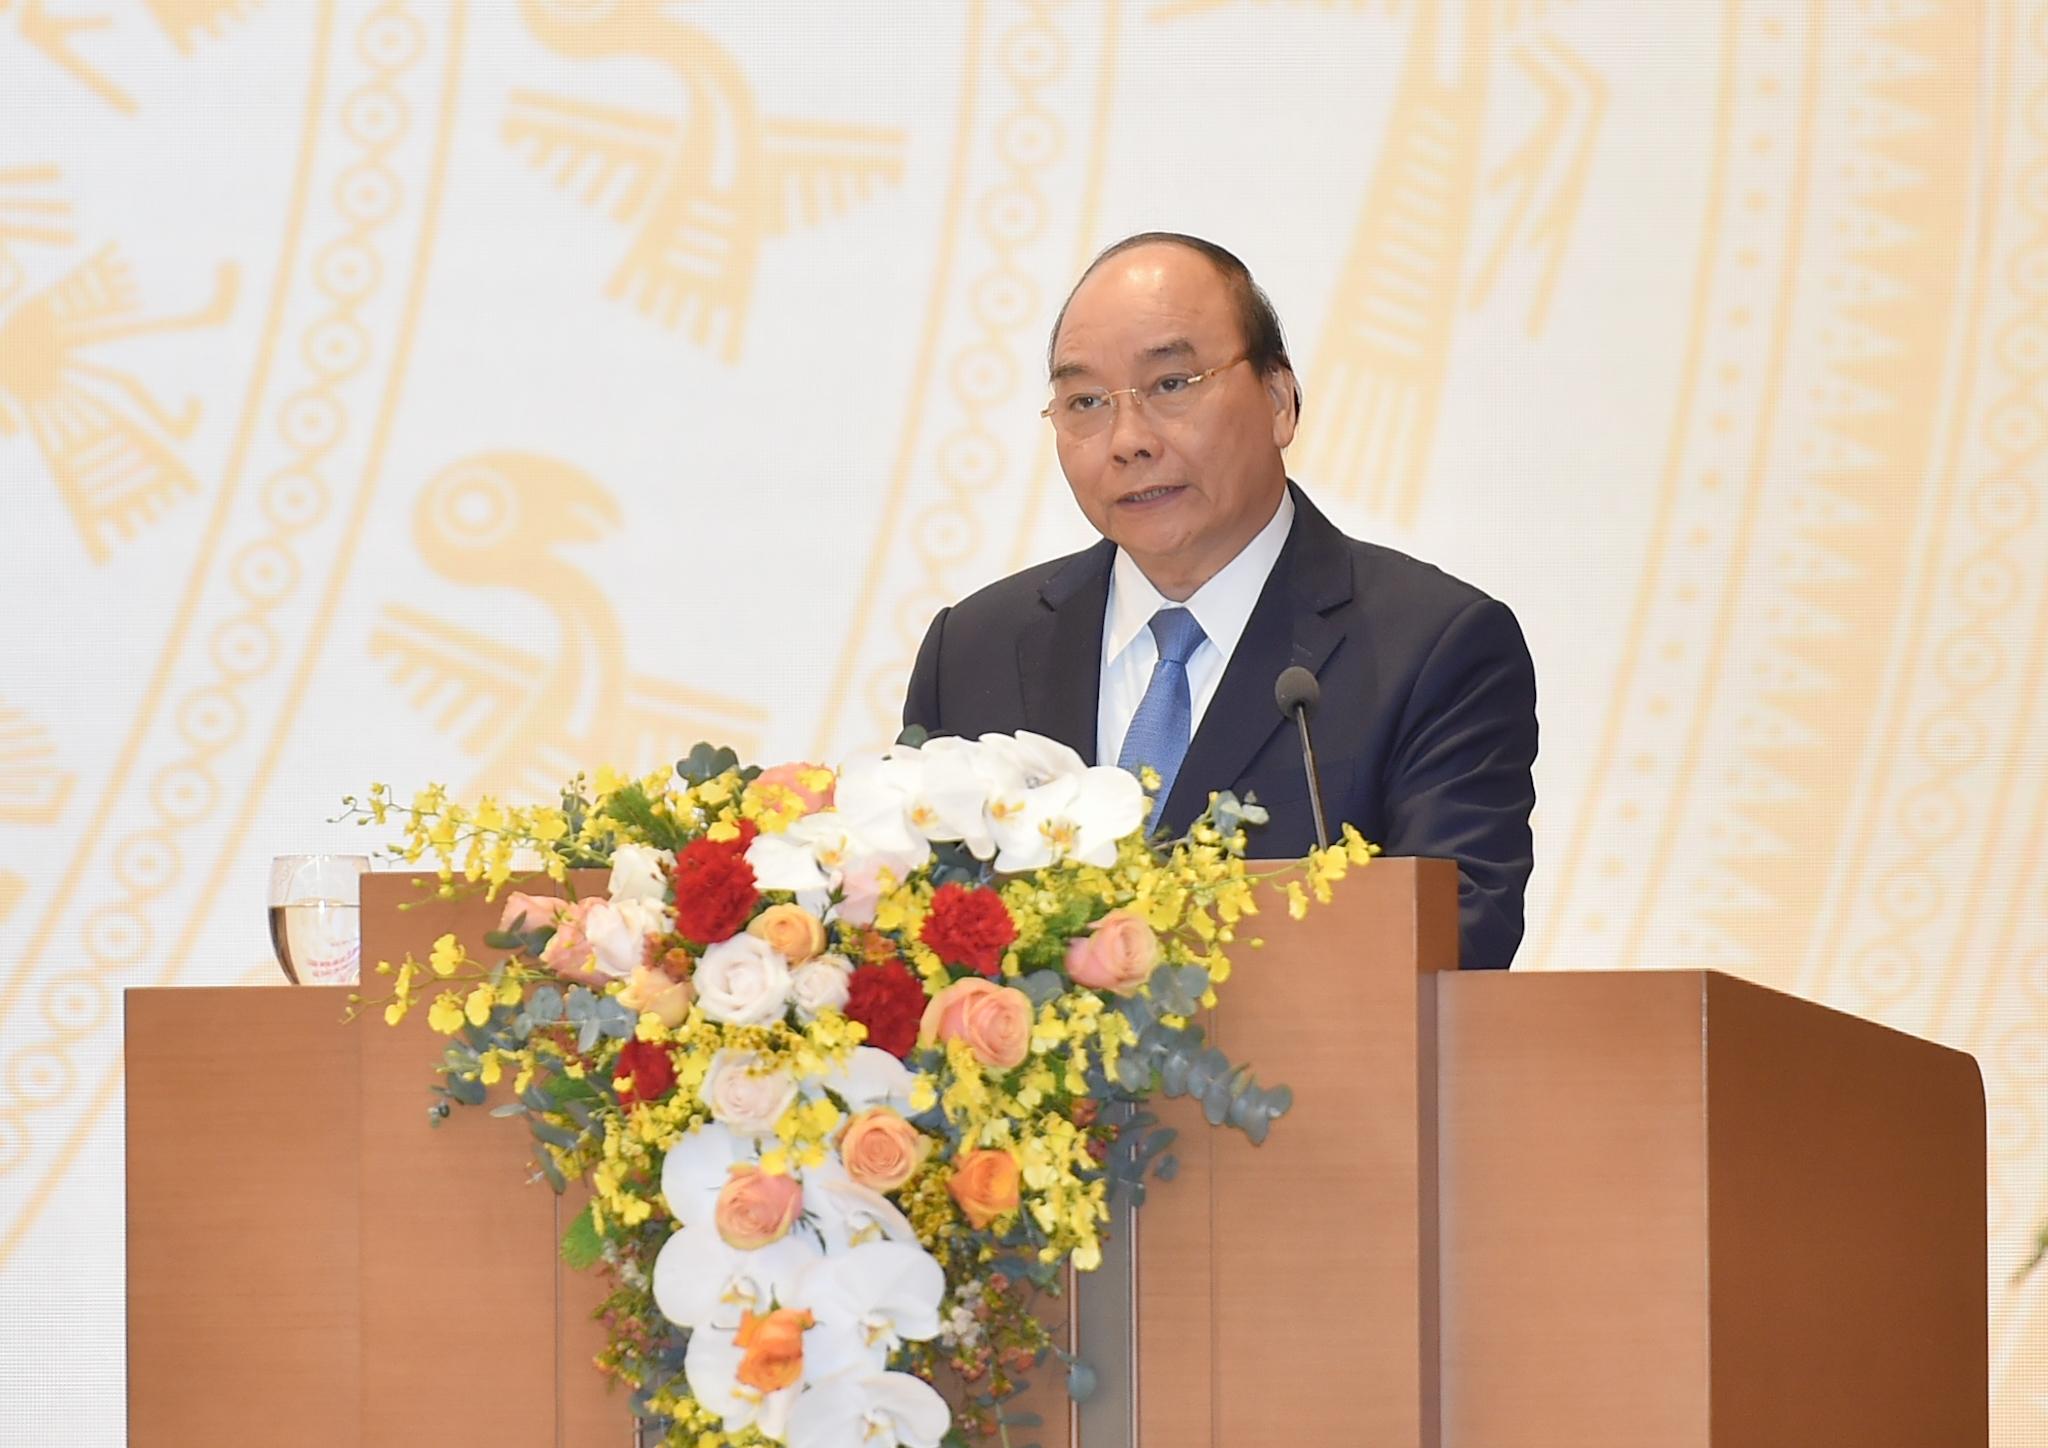 Phấn đấu để Việt Nam luôn là nền kinh tế năng động, sáng tạo, phát triển nhanh